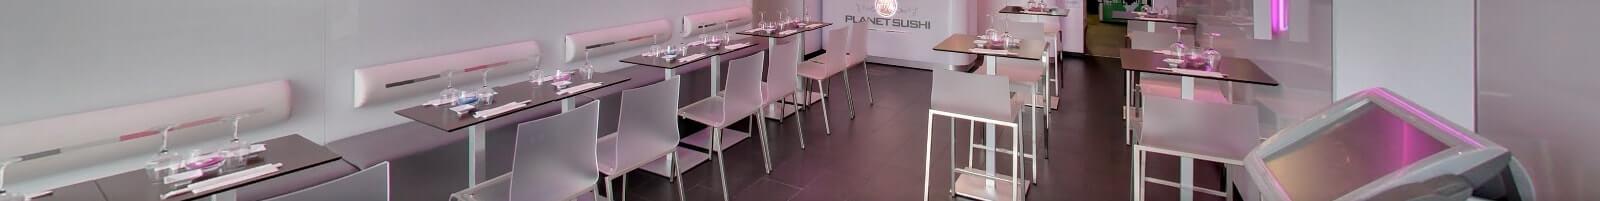 planet sushi besan on les meilleurs restos. Black Bedroom Furniture Sets. Home Design Ideas